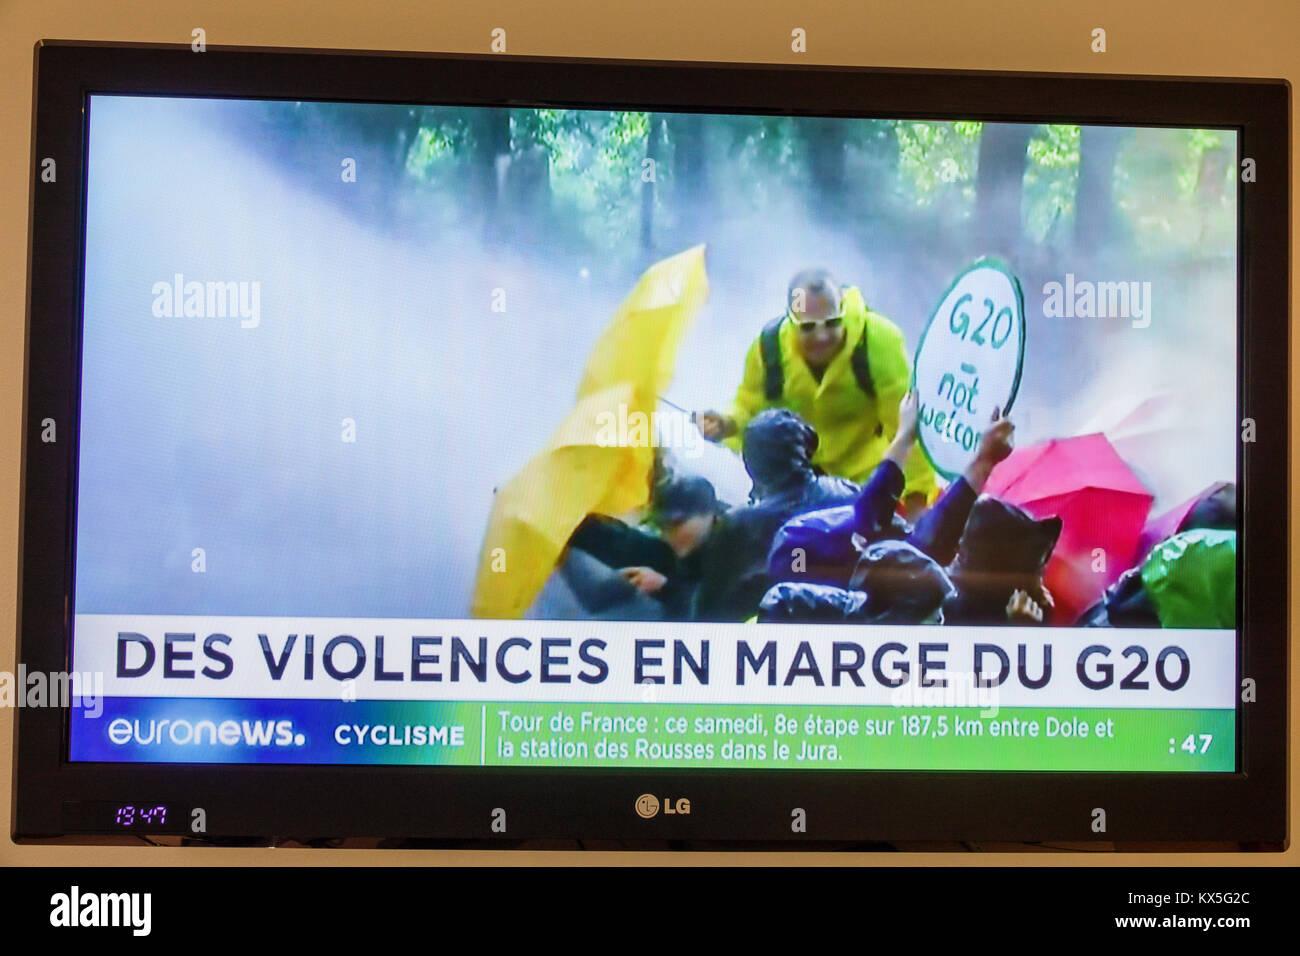 Porto Portugal television ecran plat moniteur tv euronews titre du programme du sommet du G20 de violentes manifestations Photo Stock